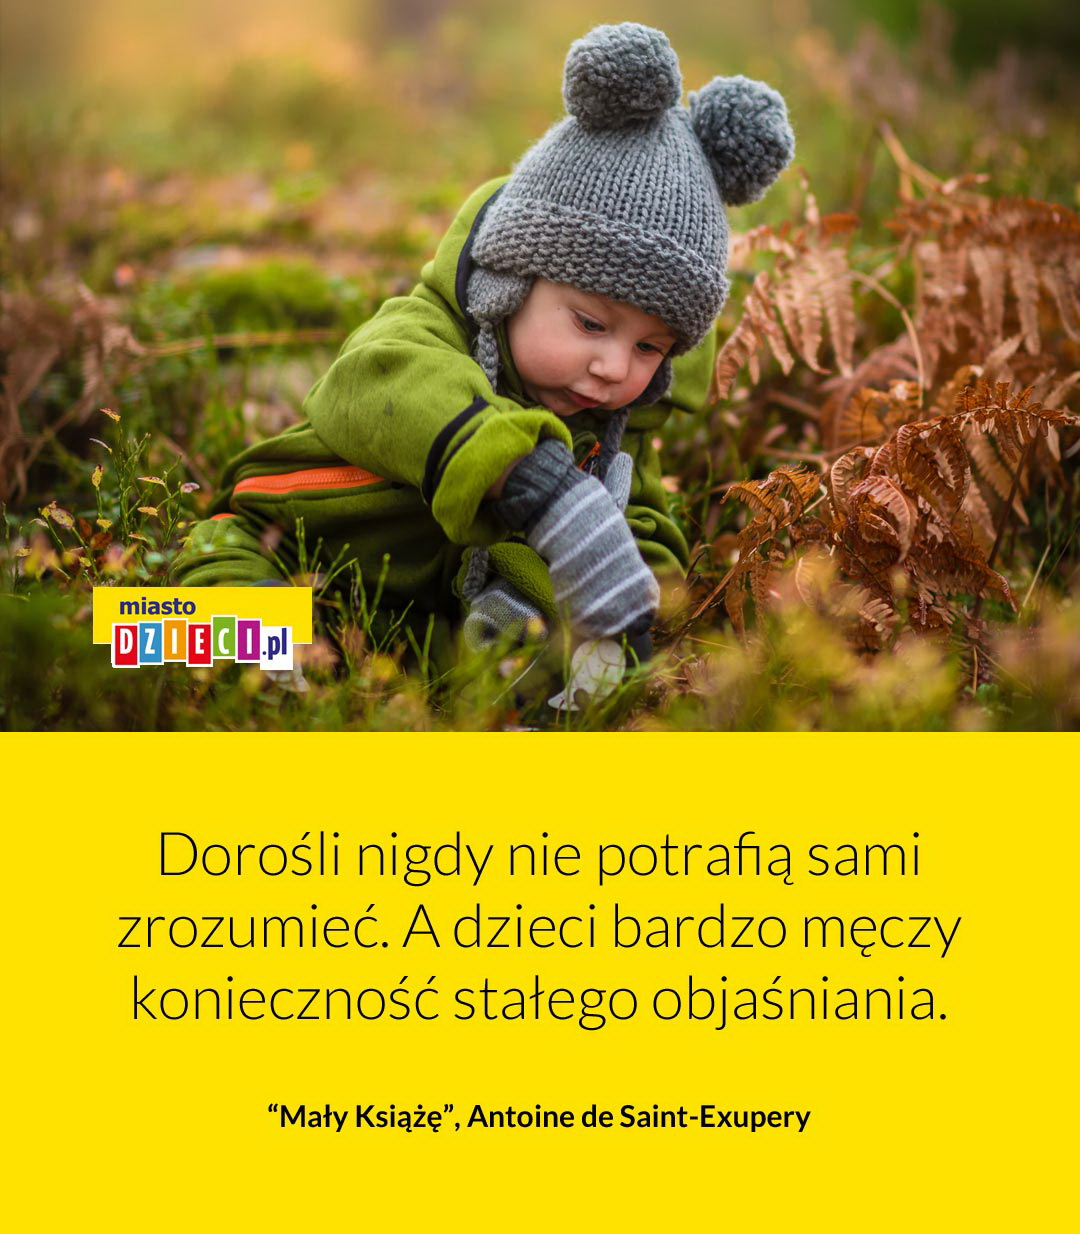 Dorośli nie potrafią najpiękniejsze cytaty Mały Książę